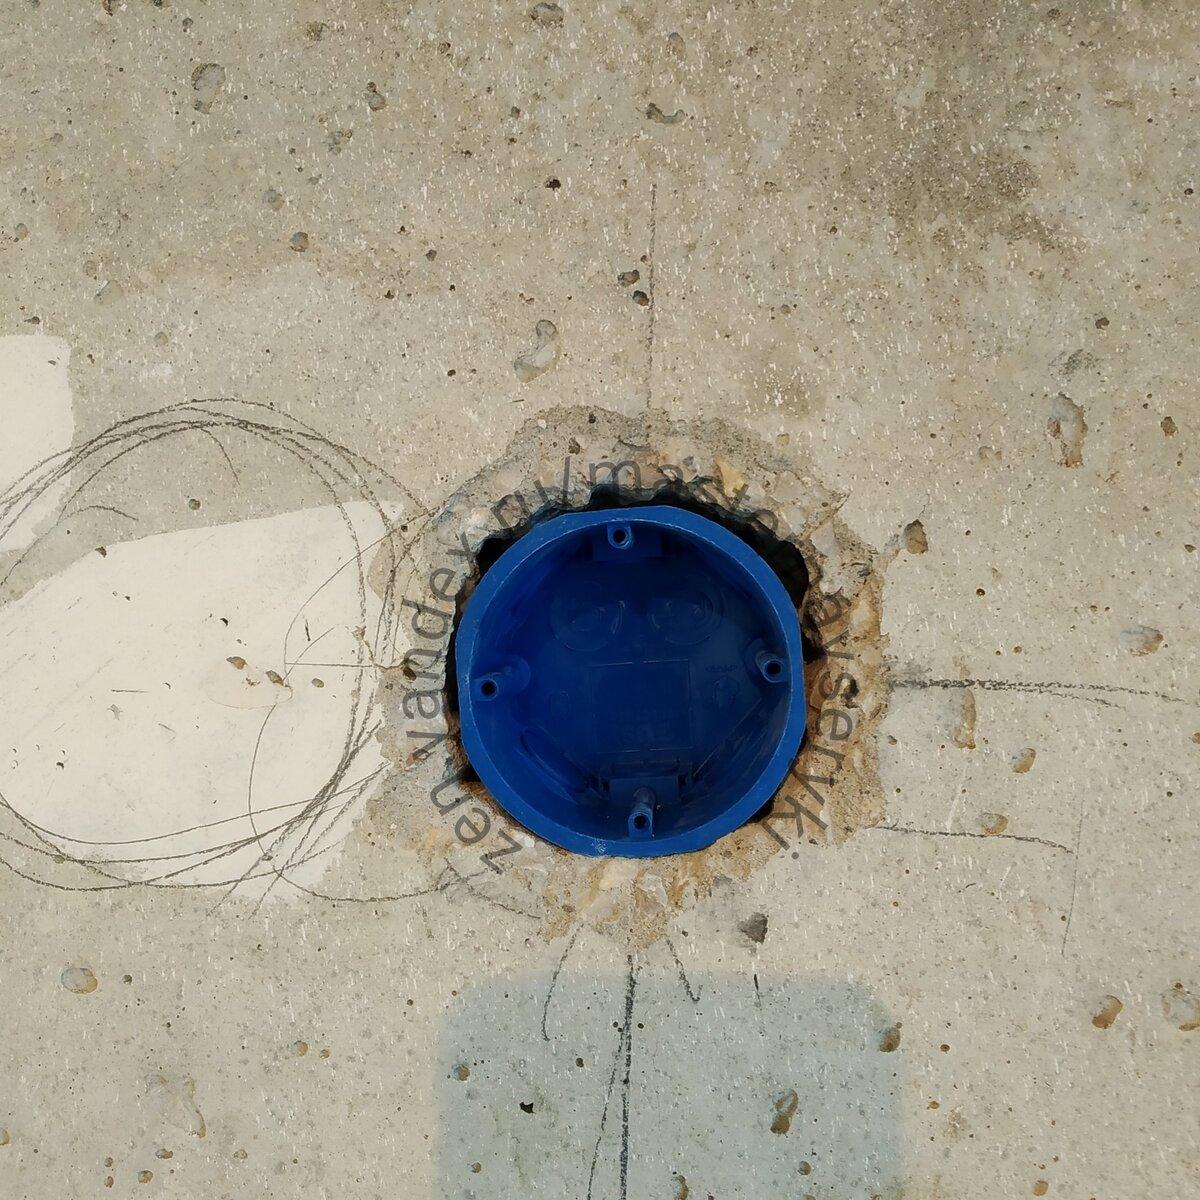 На фото подрозетник установлен в готовое отверстие в бетонной стене.